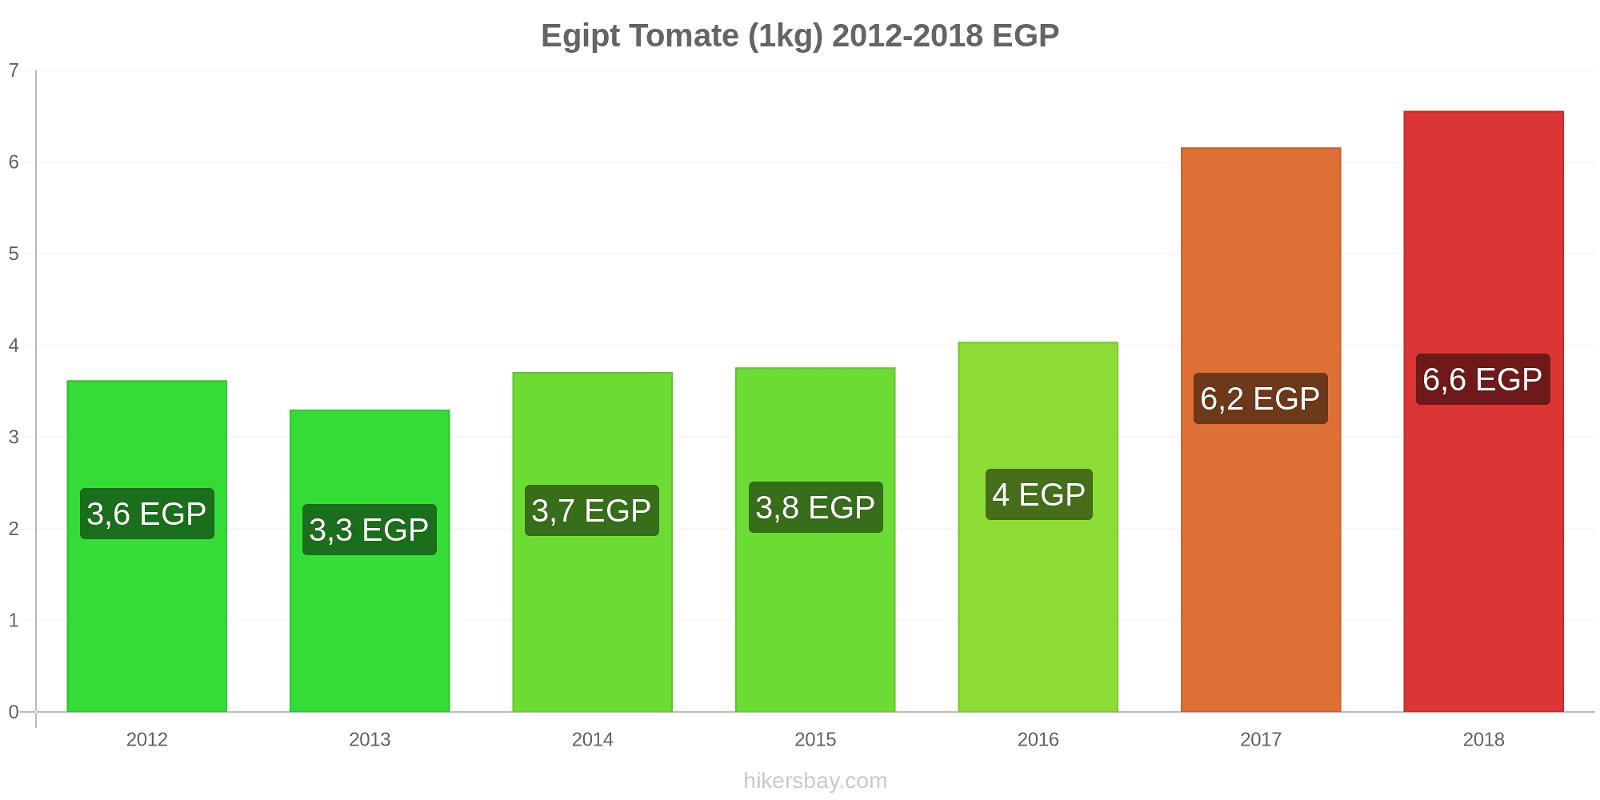 Egipt modificări de preț Tomate (1kg) hikersbay.com